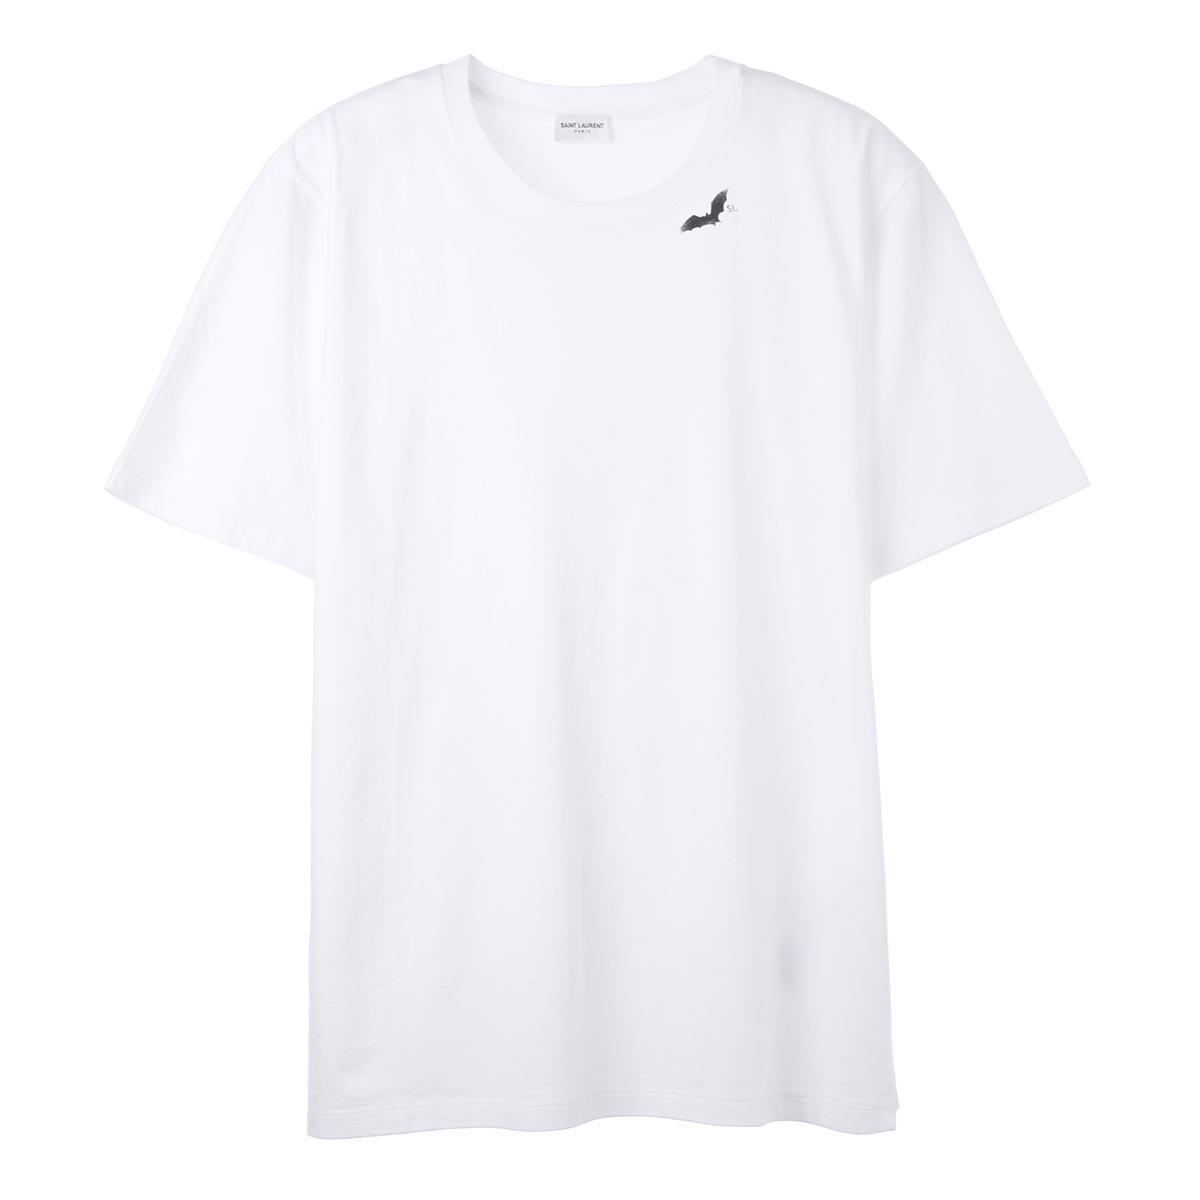 新品未使用正規品 14 返品不可 800円均一 送料無料 サンローラン SAINT LAURENT クルーネック Tシャツ ybjx2 579045 ラッピング無料 9744 ホワイト メンズ あす楽対応_関東 返品送料無料